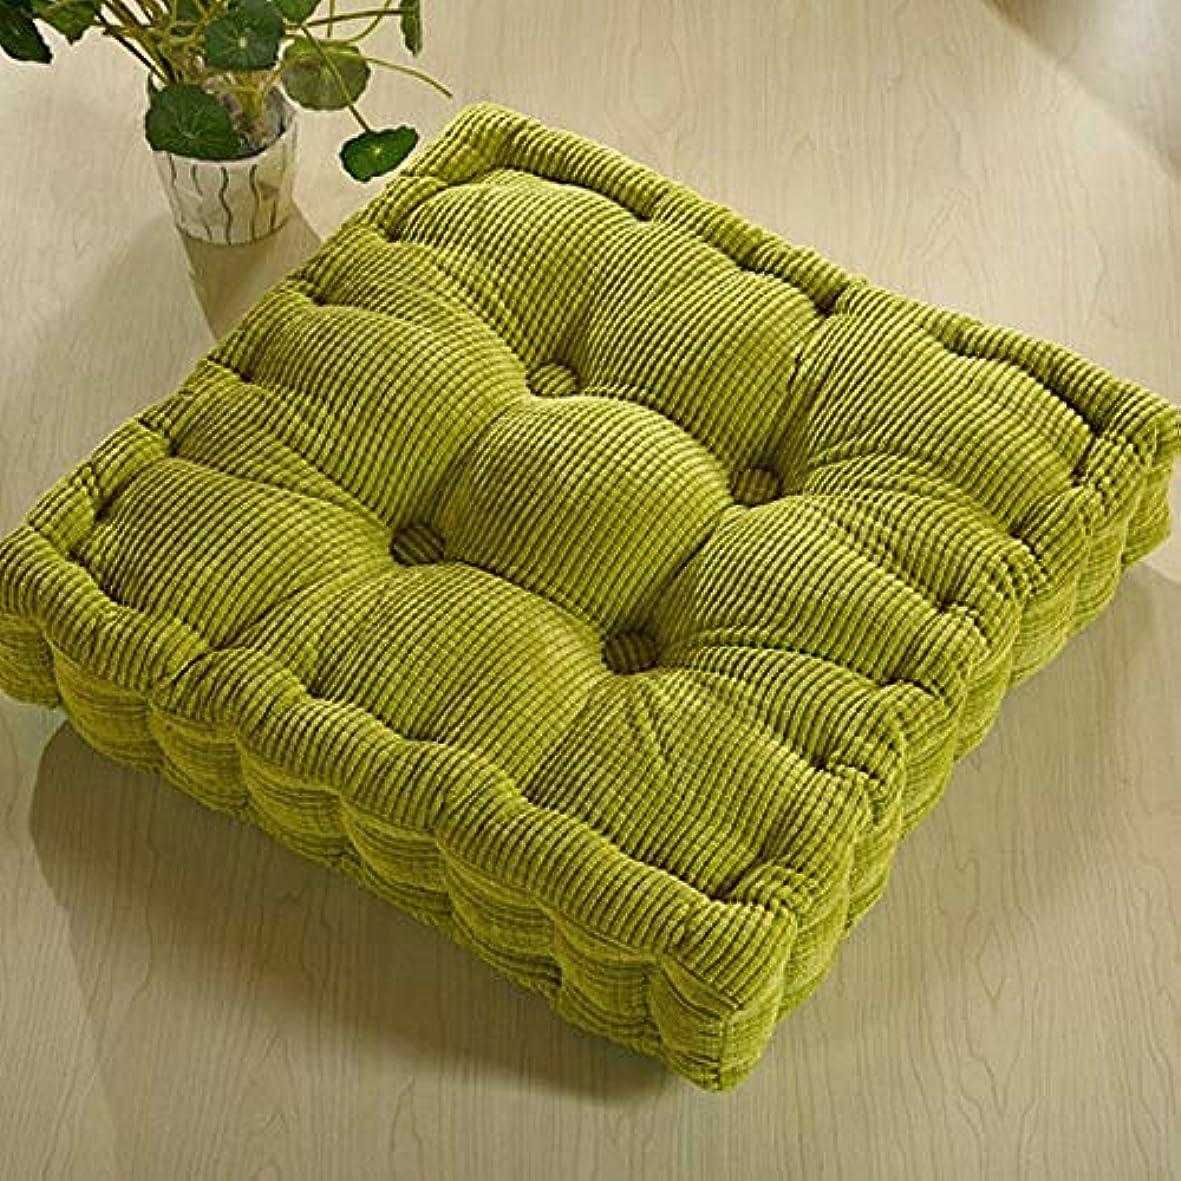 論争的埋めるひもLIFE 肥厚トウモロコシの穂軸畳クッションオフィスチェアクッションソファクッション生地チェアクッションカーシートクッション クッション 椅子